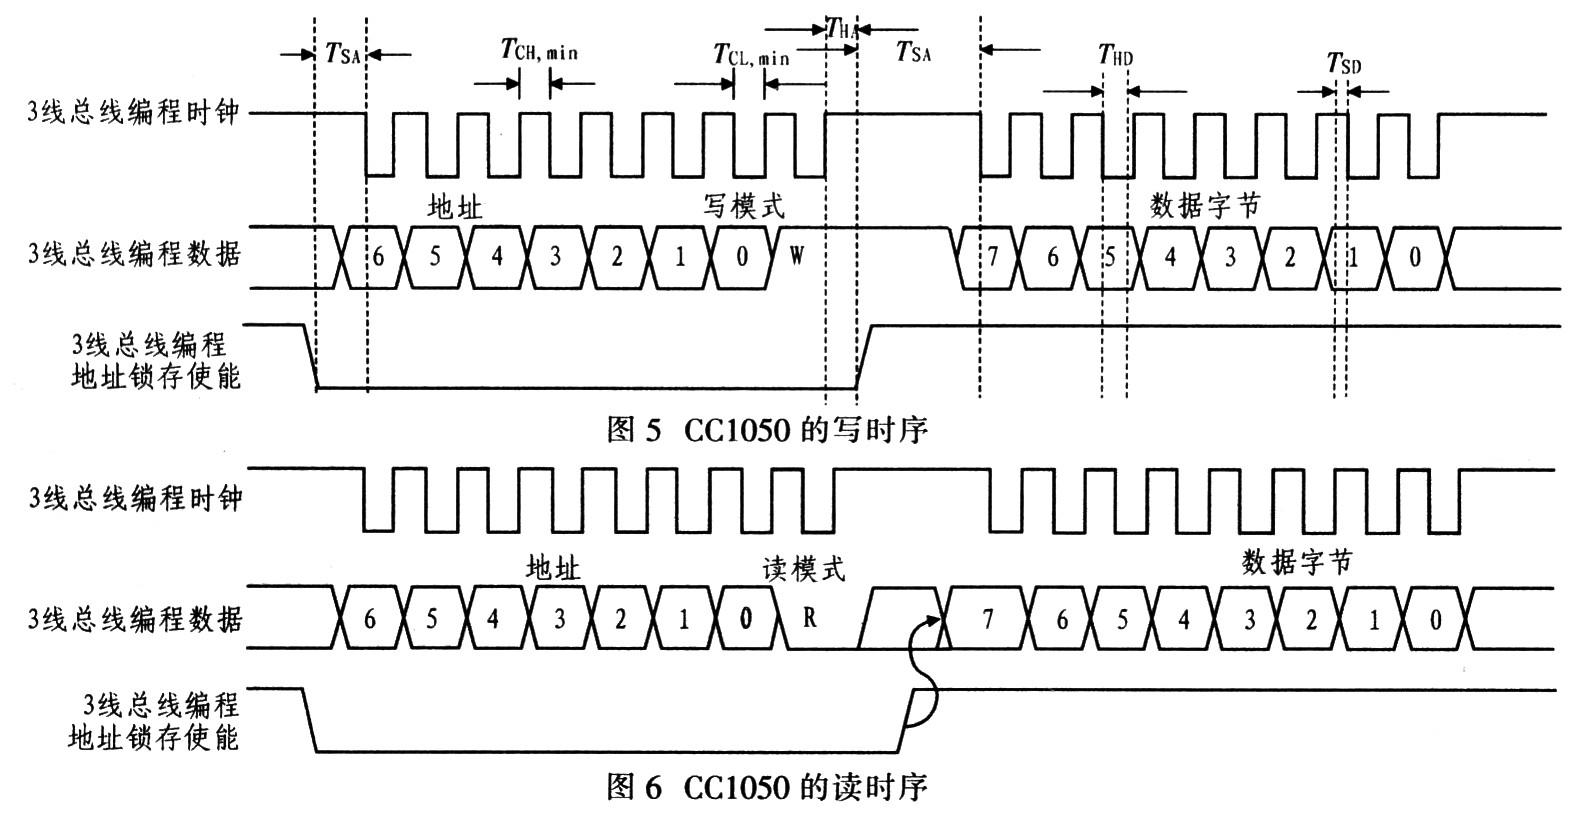 4 结语   基于CCl050的FSK发射电路外围设计简单,通过编程设置内部寄存器使CCl050性能达到最佳,并通过编程设置发射,接收低功耗模式、射频输出功率/ 频率、FSK频偏、晶体振荡器基准频率、振荡器电源导通和关断、数据速率和数据格式(NRZ、Manchester码、UART接口)、同步锁定指示器模式以及调制频谱整形。因此,该FSK发射电路可应用于低功率UHF无线数据发射系统,具有广泛的应用前景。 :